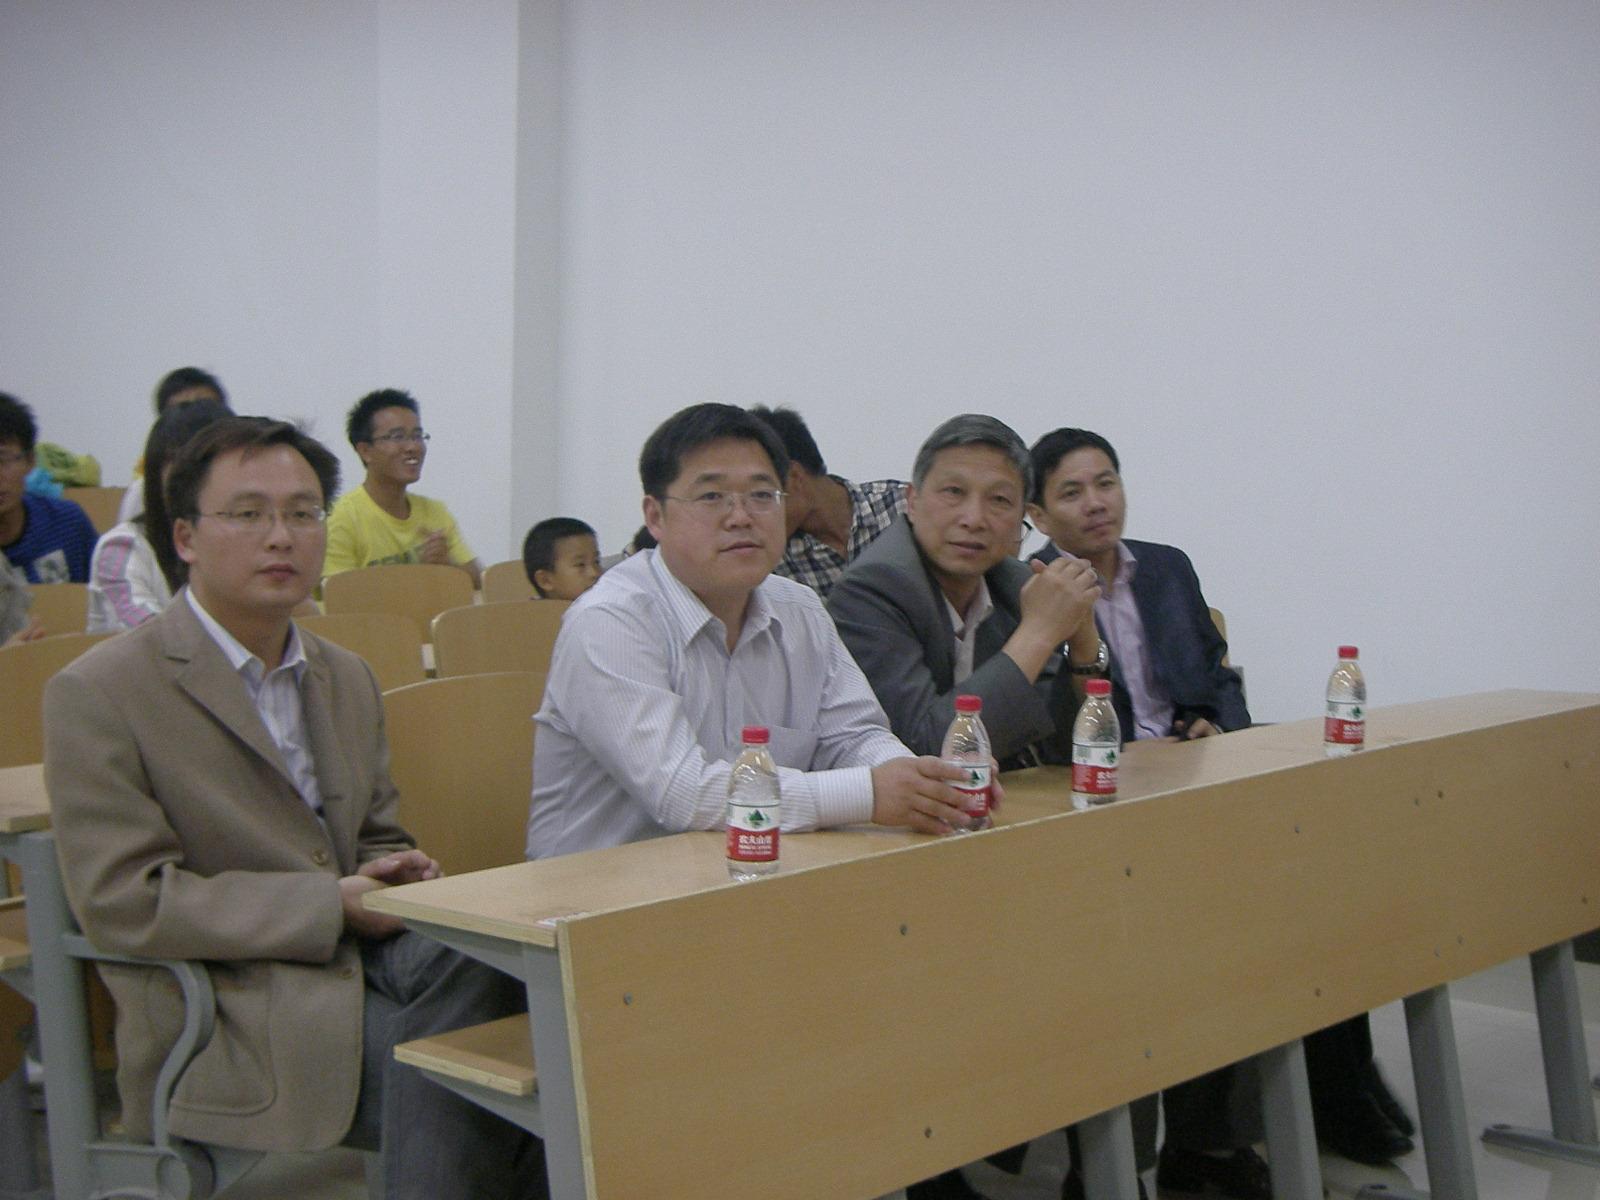 校团委副书记沈振华、曾凯在晚会现场.JPG